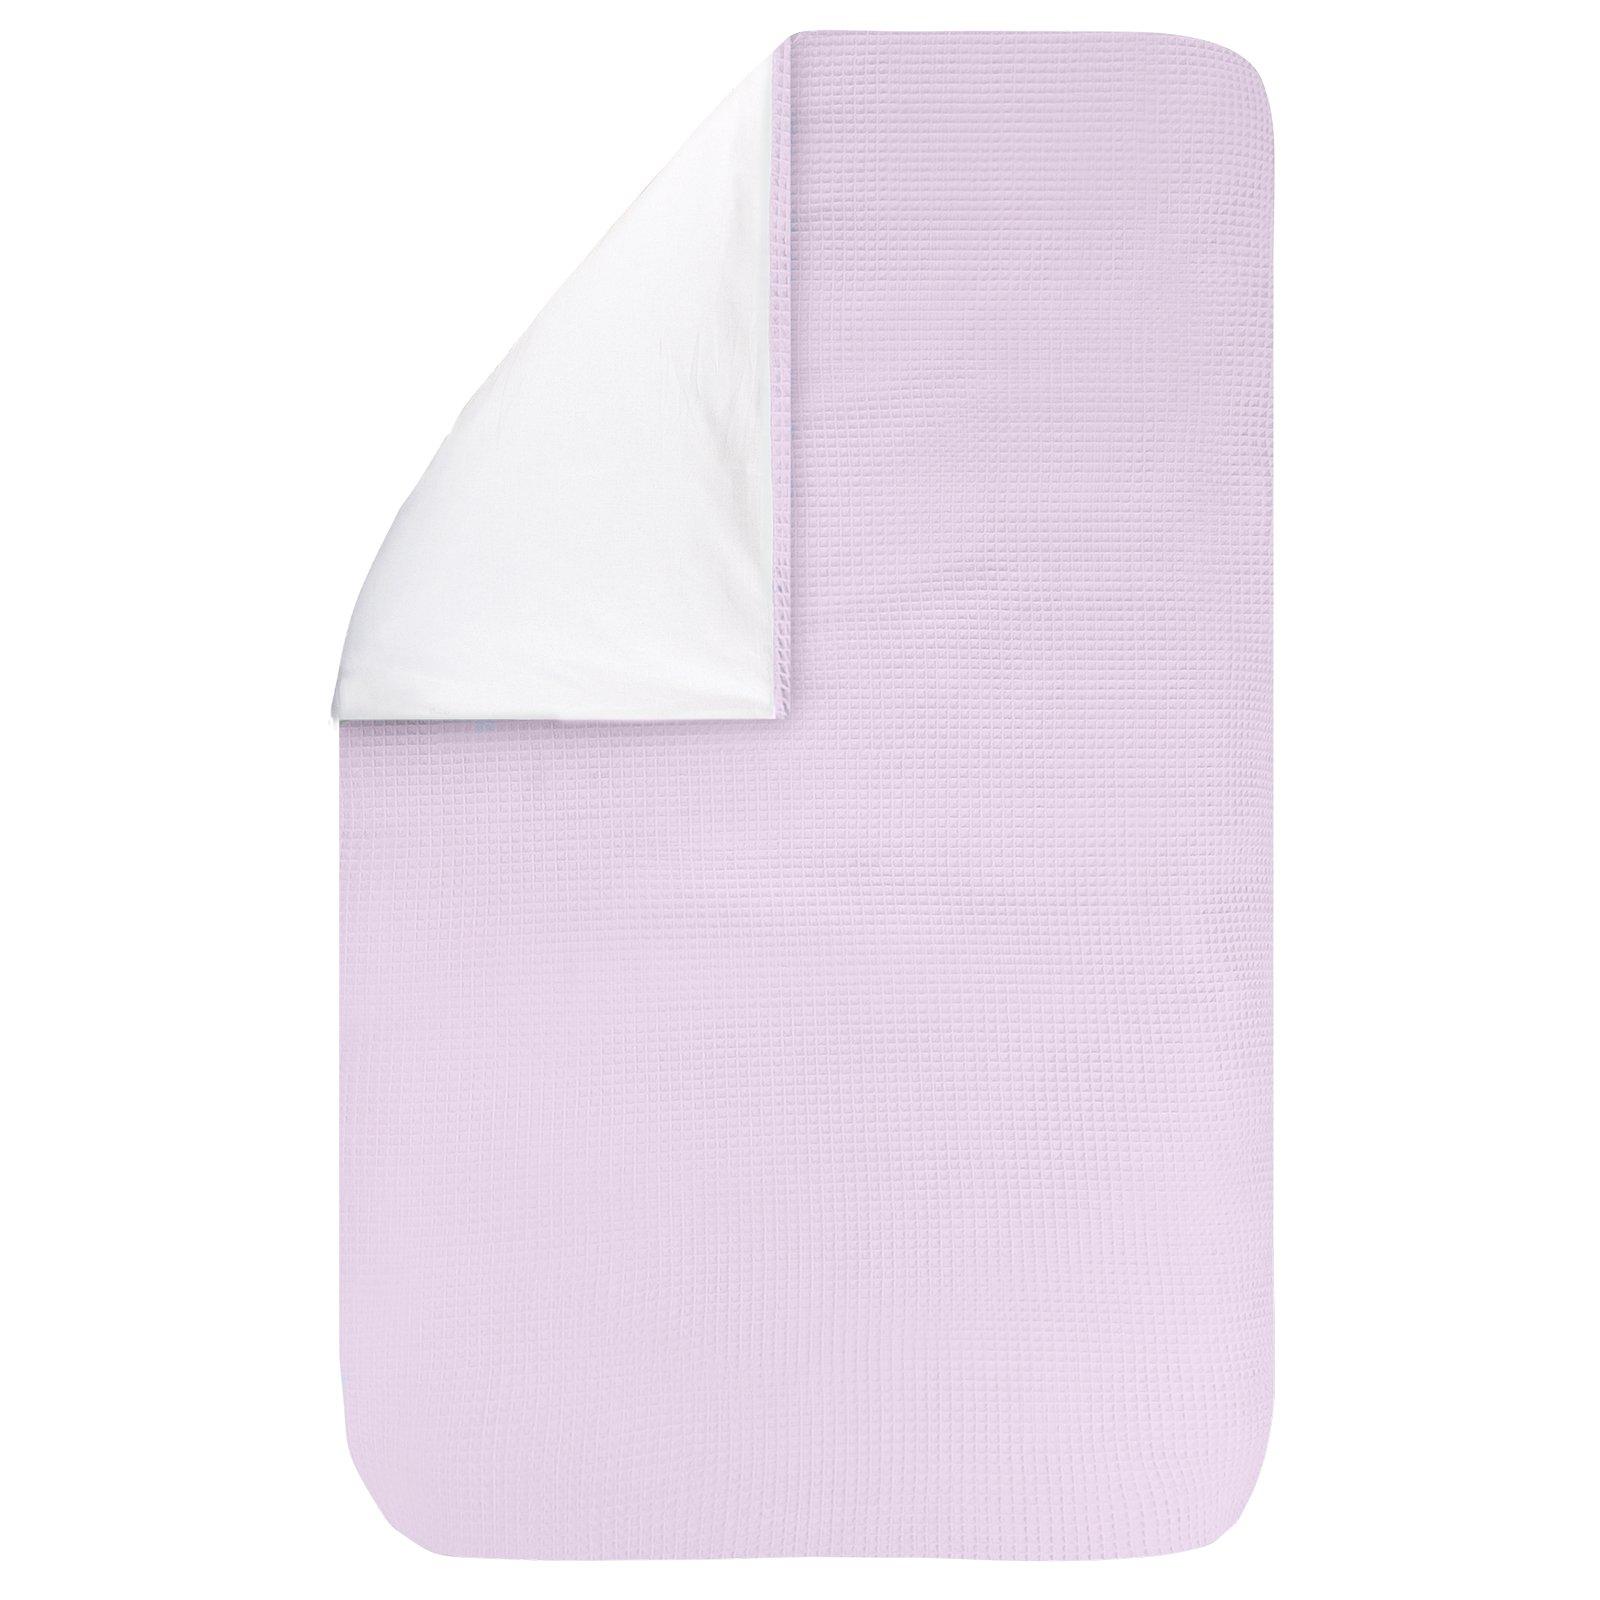 dekbedovertrek Pique roze 100×135